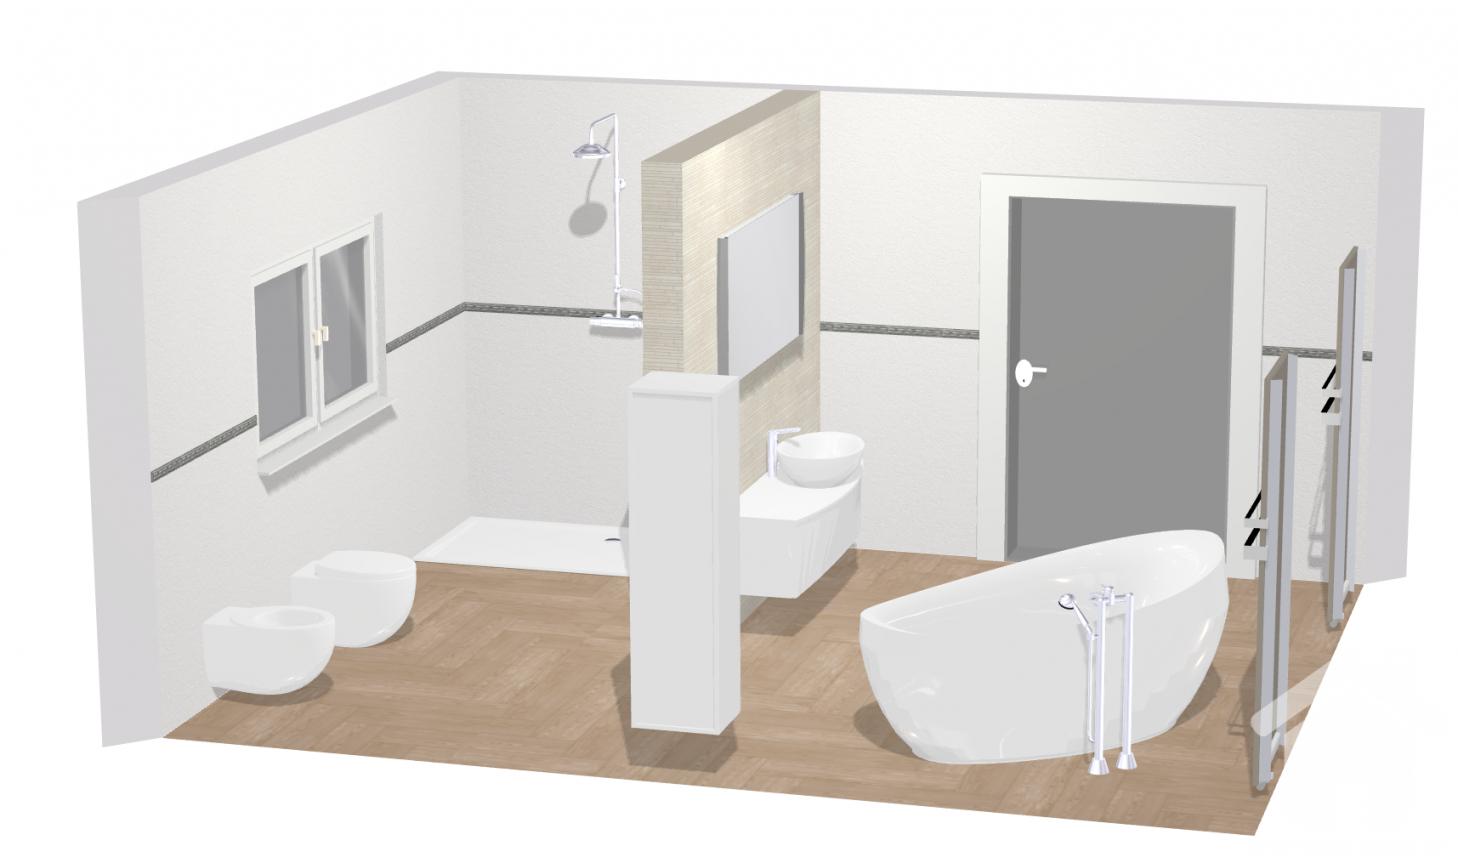 Test Der Villeroy Und Boch Online Badplaner  Unser Baublog von Badplaner Villeroy Und Boch Bild